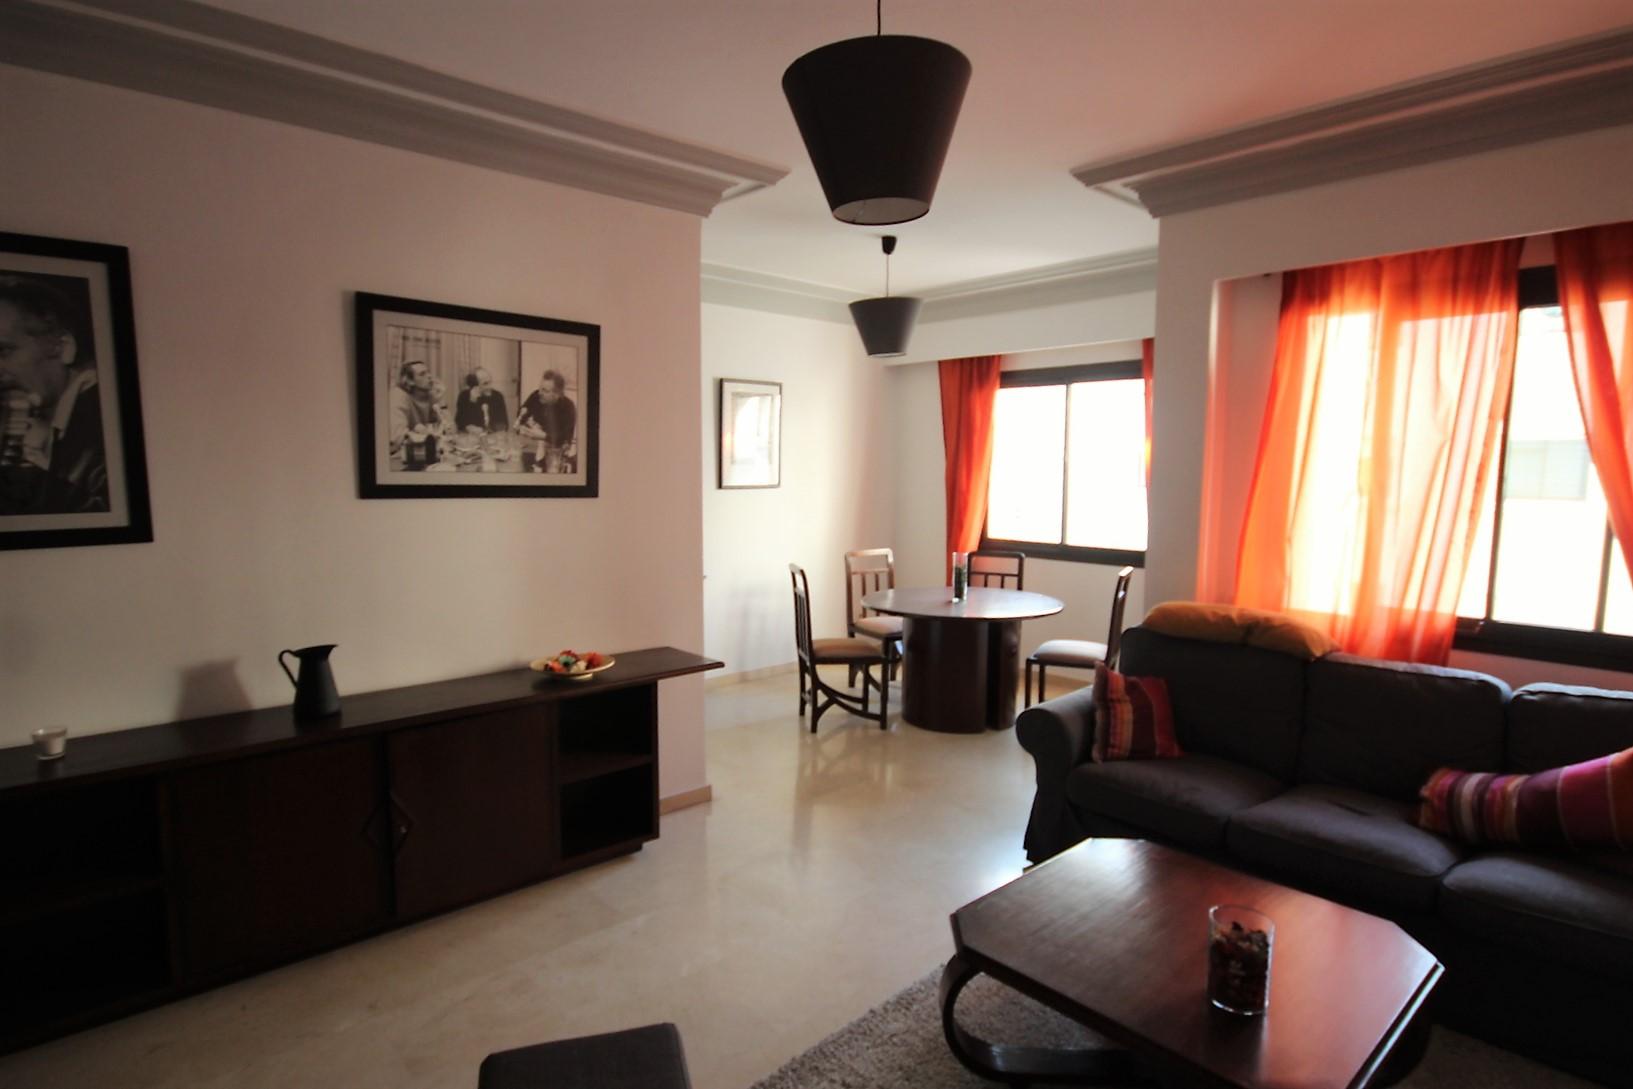 Maroc, Casablanca,     Triangle d'Or, à louer vaste appartement meublé de 105 m² haut standing                    en étage élevé